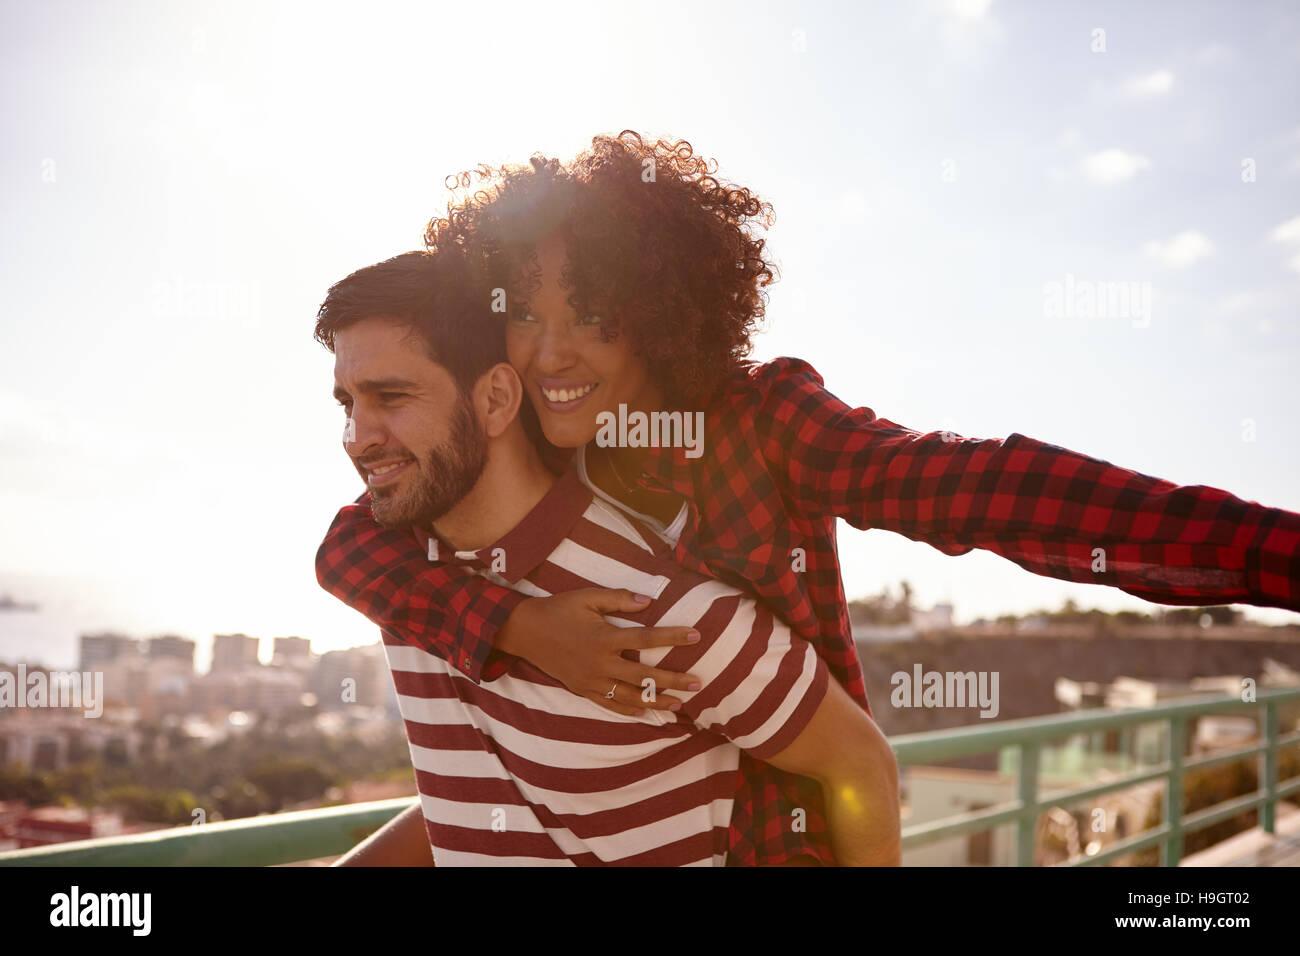 Couple aimant ludique des gestes avec son bras gauche de l'avion et s'accrochant à lui avec son bras Photo Stock